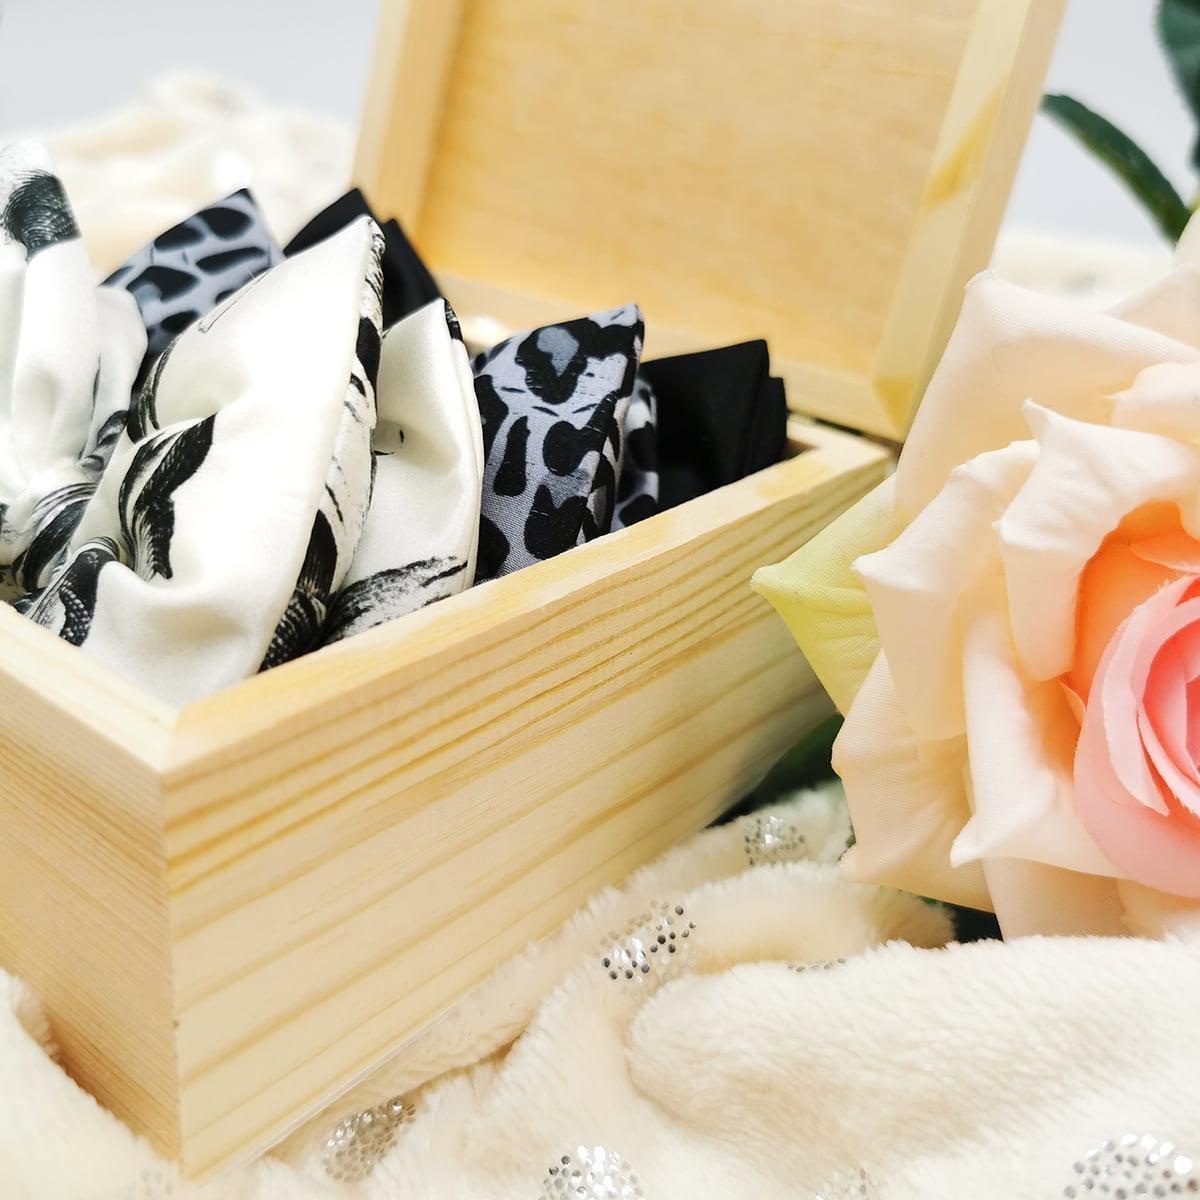 drvena poklon kutija s mašnama je savršen poklon